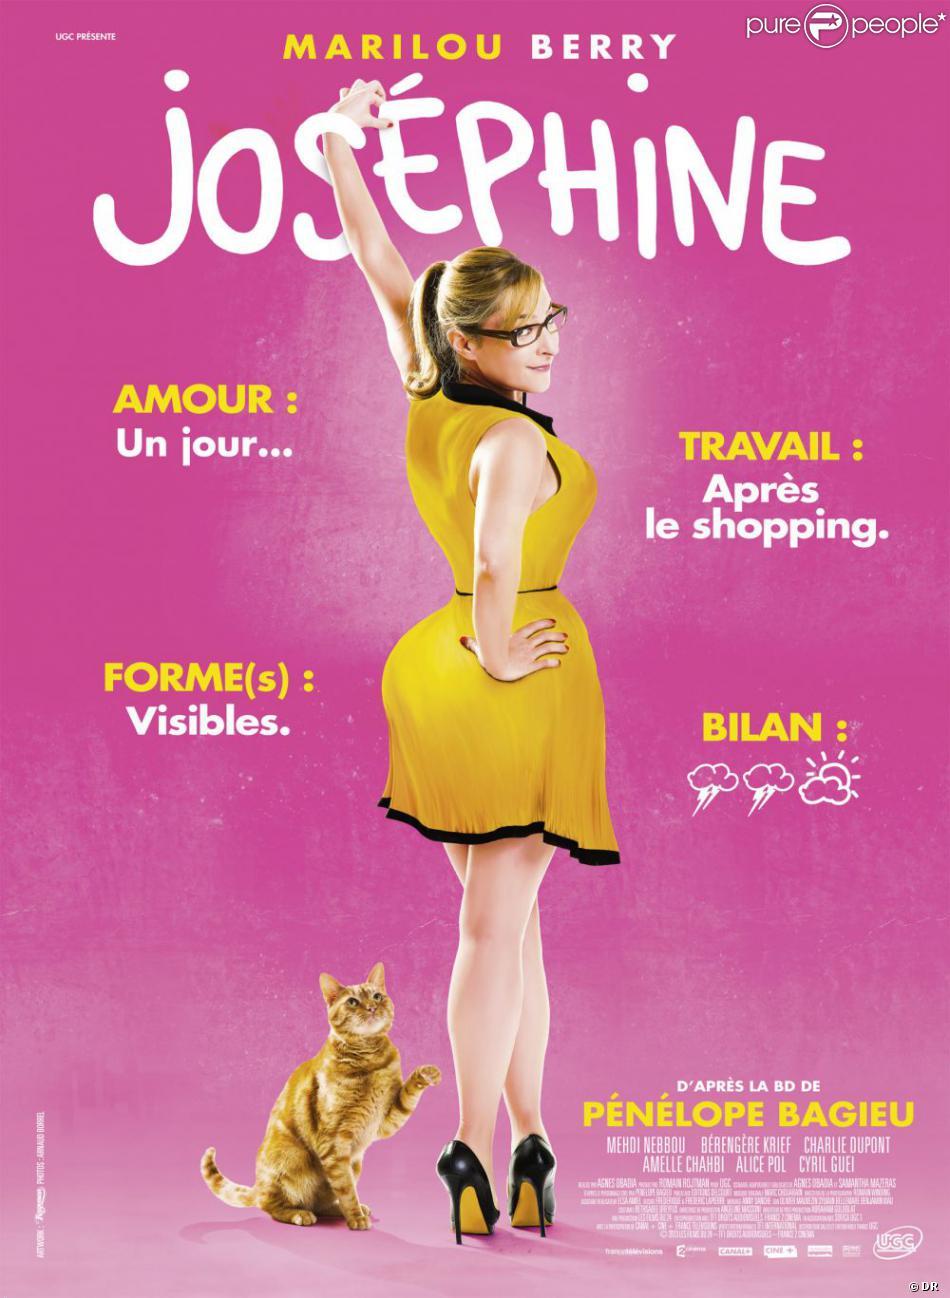 L'affiche du film Joséphine en salles le 19 juin 2013